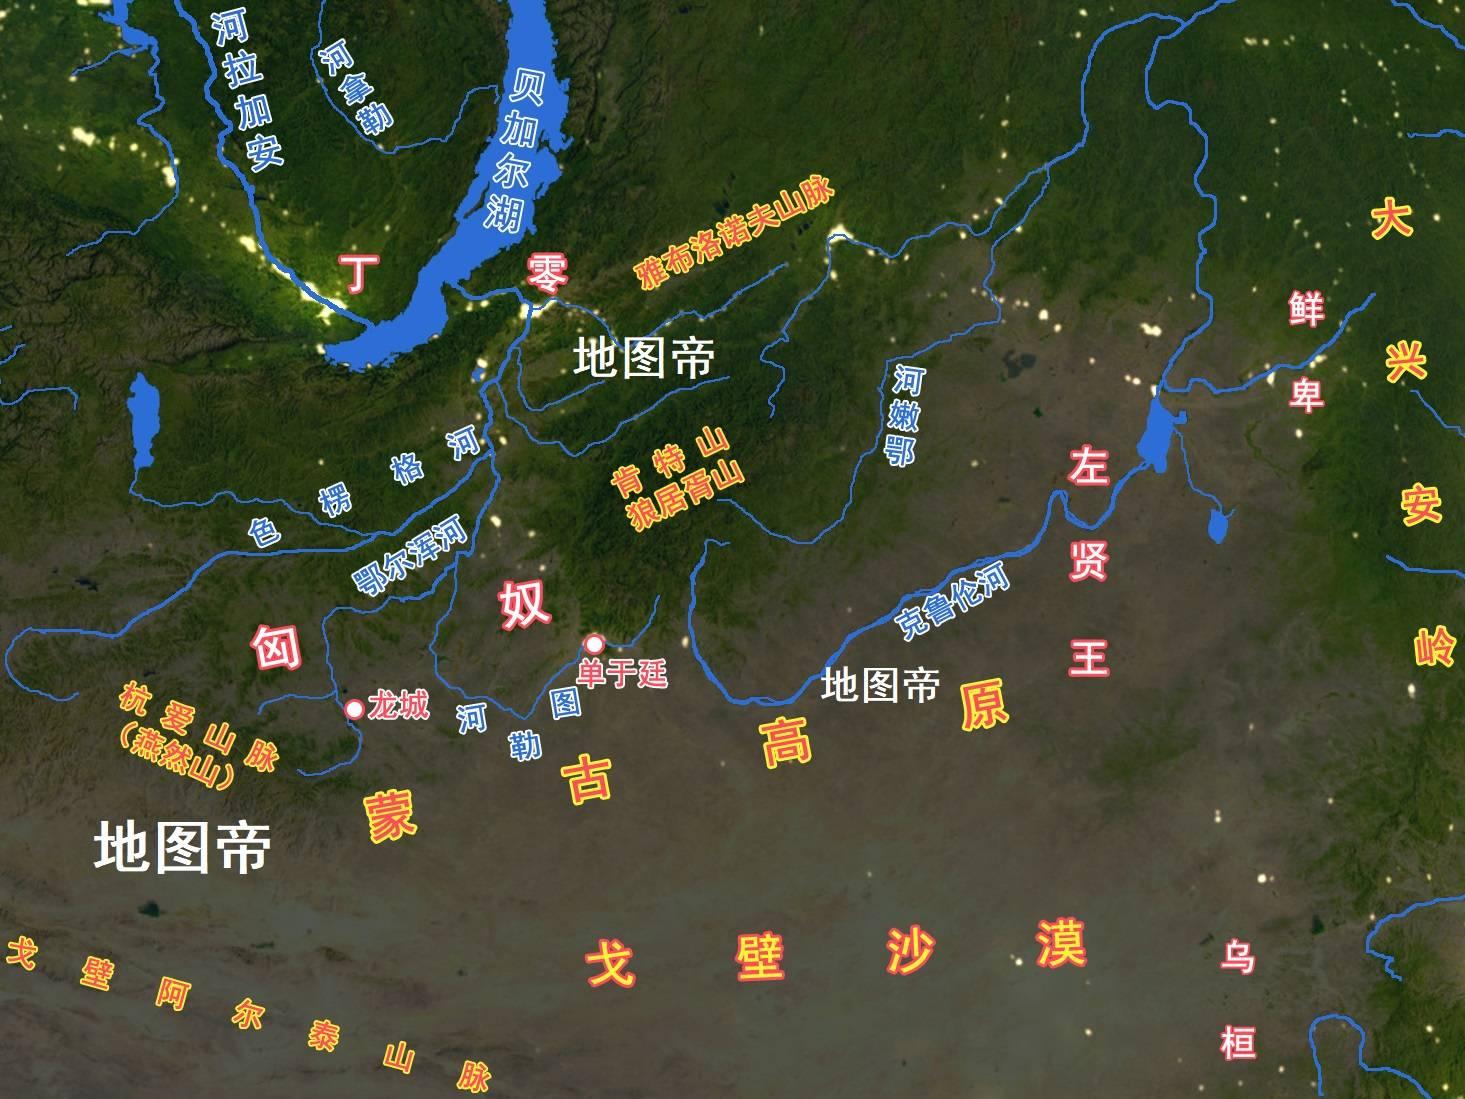 西汉七国之乱地图 七国之乱时期地图